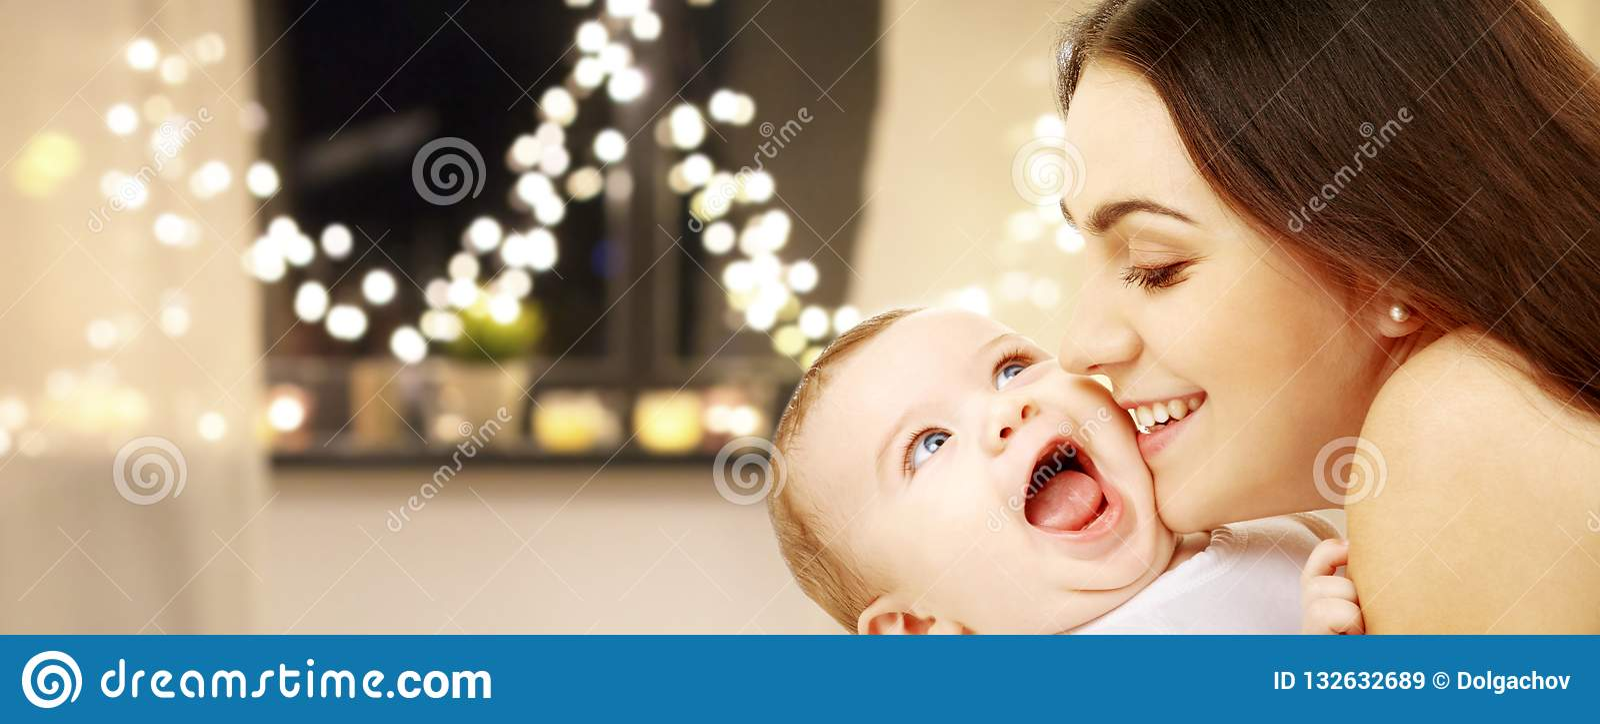 Ciérrese para arriba de madre con el bebé sobre luces de la Navidad